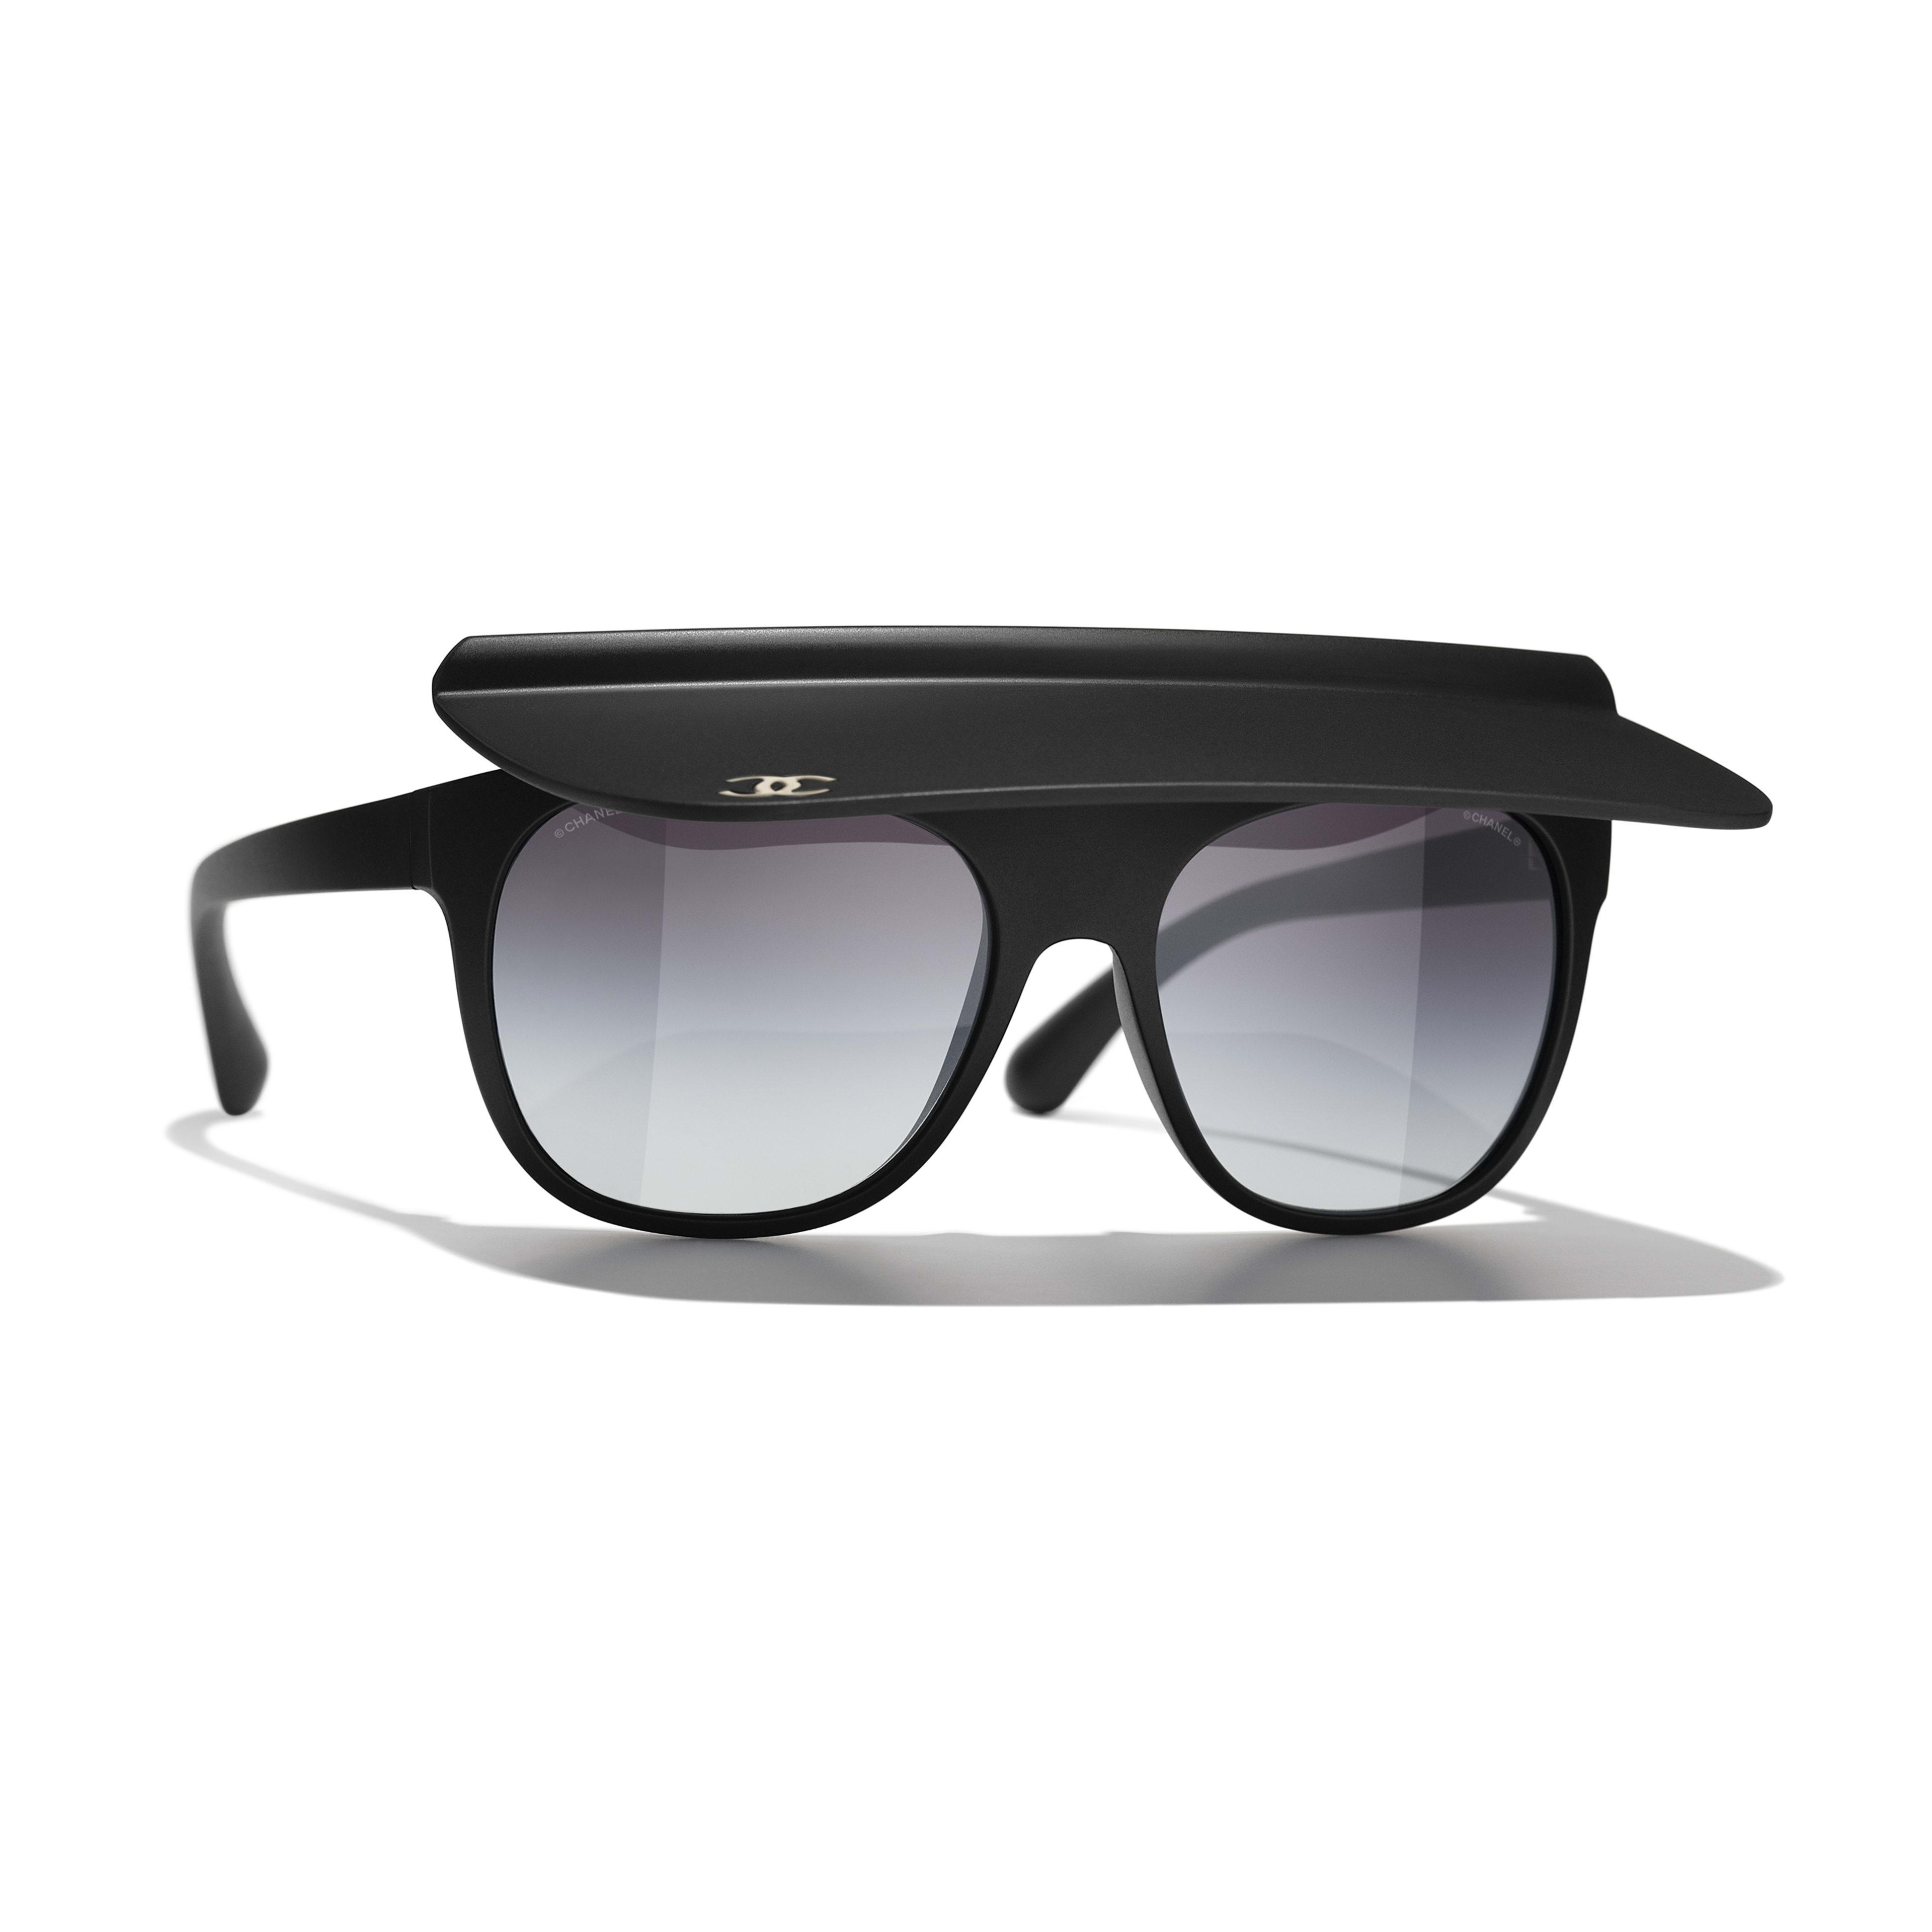 Lunettes visière - Noir - Nylon - CHANEL - Vue par défaut - voir la version taille standard